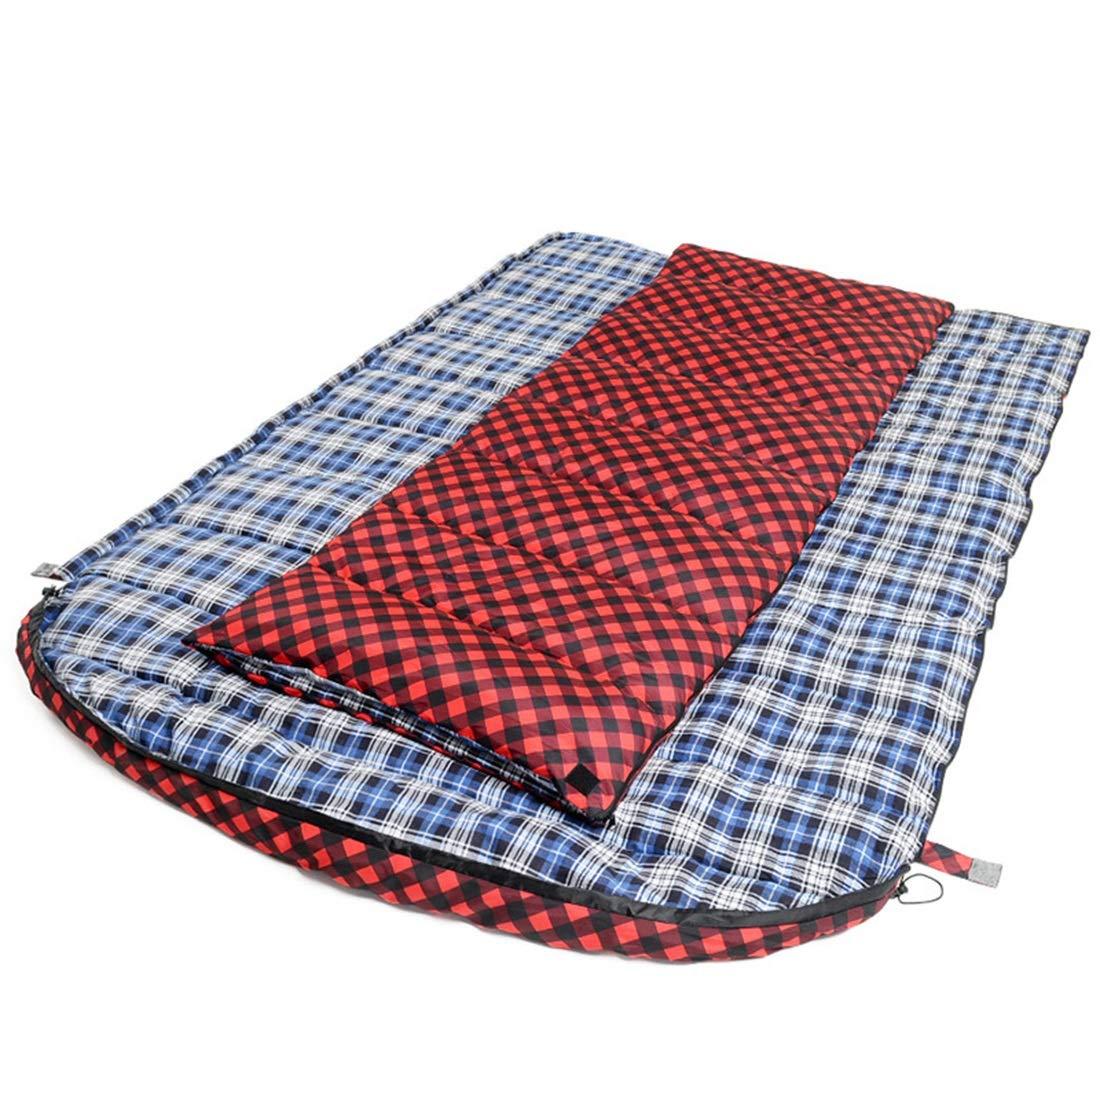 JOYIYUAN Umschlag Schlafsack 3 Person Dünne Outdoor Reise Camping Flanell Erweiterung Und Verdickung Schlafsack Rot